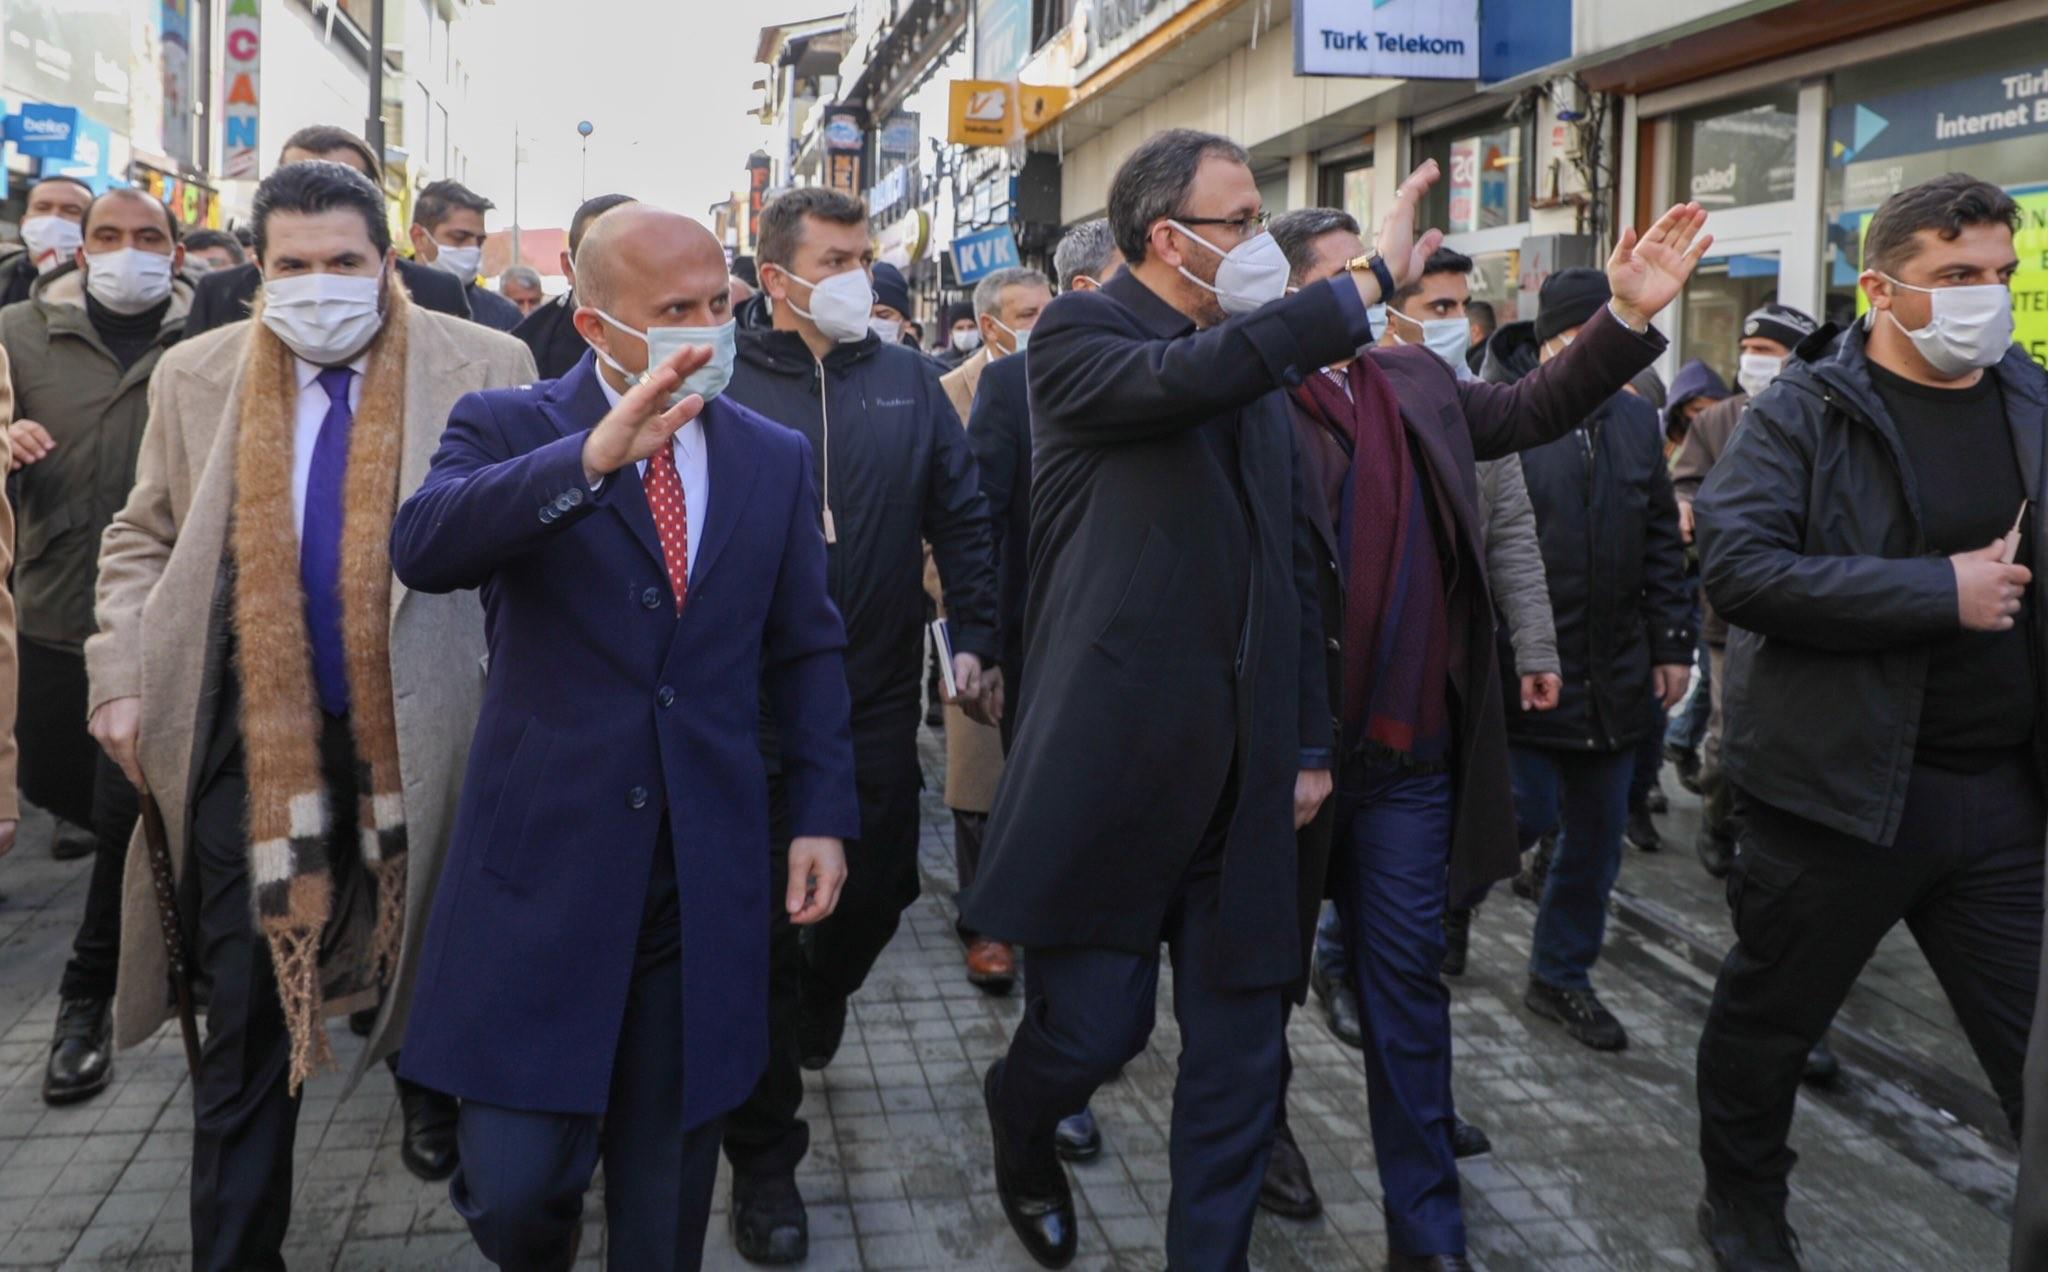 Bakan Kasapoğlu'nun Ağrı ziyareti